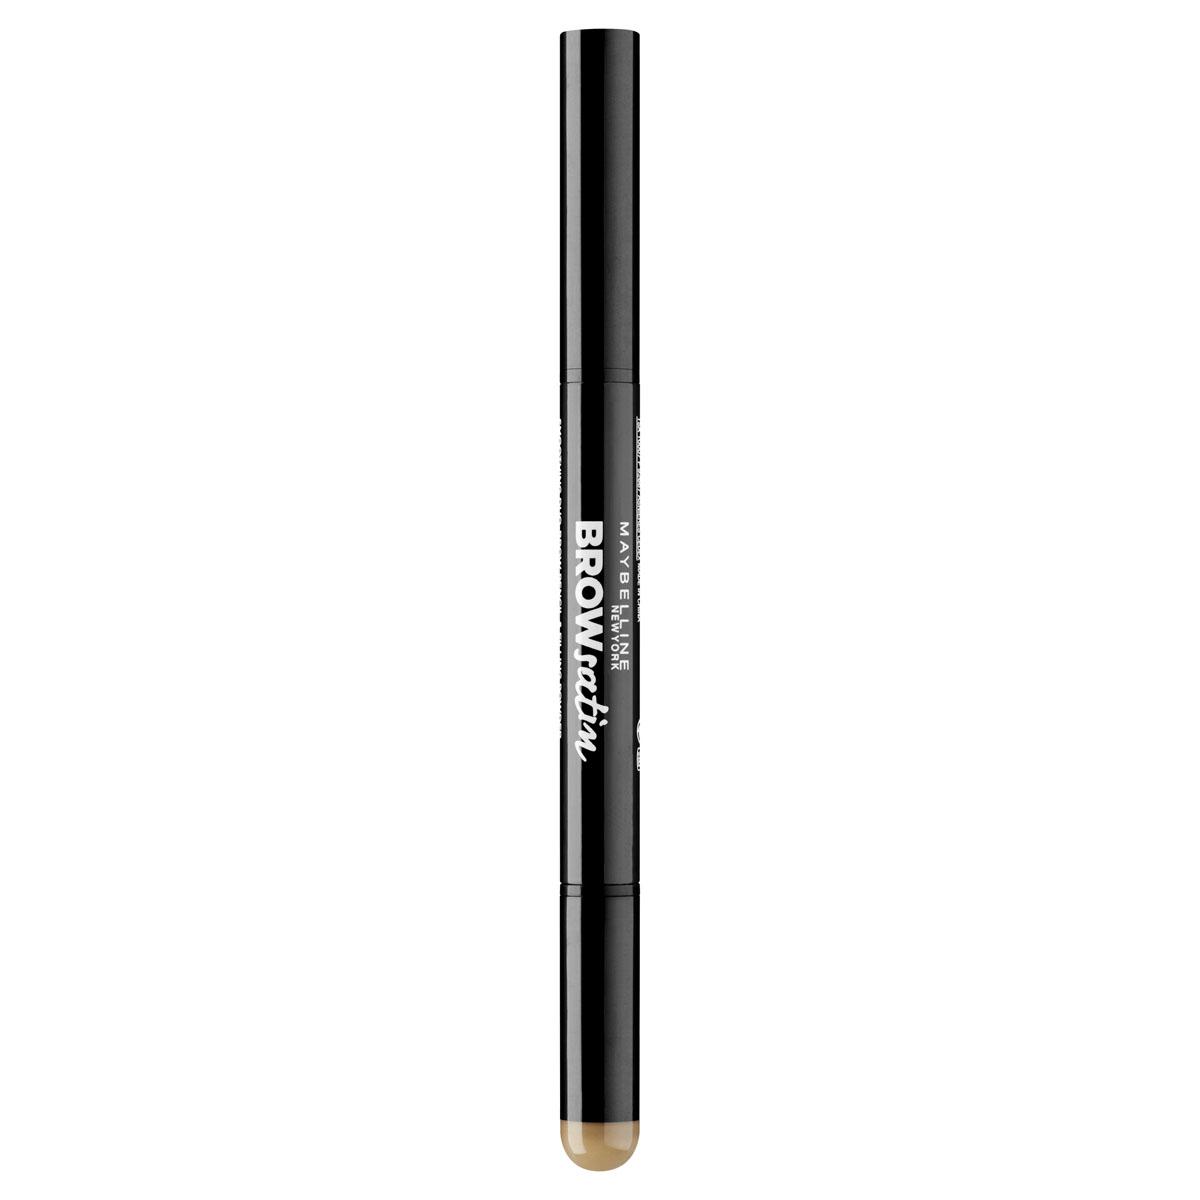 Maybelline New York Карандаш для бровей Brow Satin, карандаш + заполняющая пудра, оттенок 01, Темный блонд, 7,1 гB2454003Фиксирующий карандаш толщиной 2 миллиметра придает форму бровям. Заполняющая пудра с удобным спонжем делает нанесение равномерным, а растушевку между волосками простой и приятной. Теперь твои брови просто WOW!